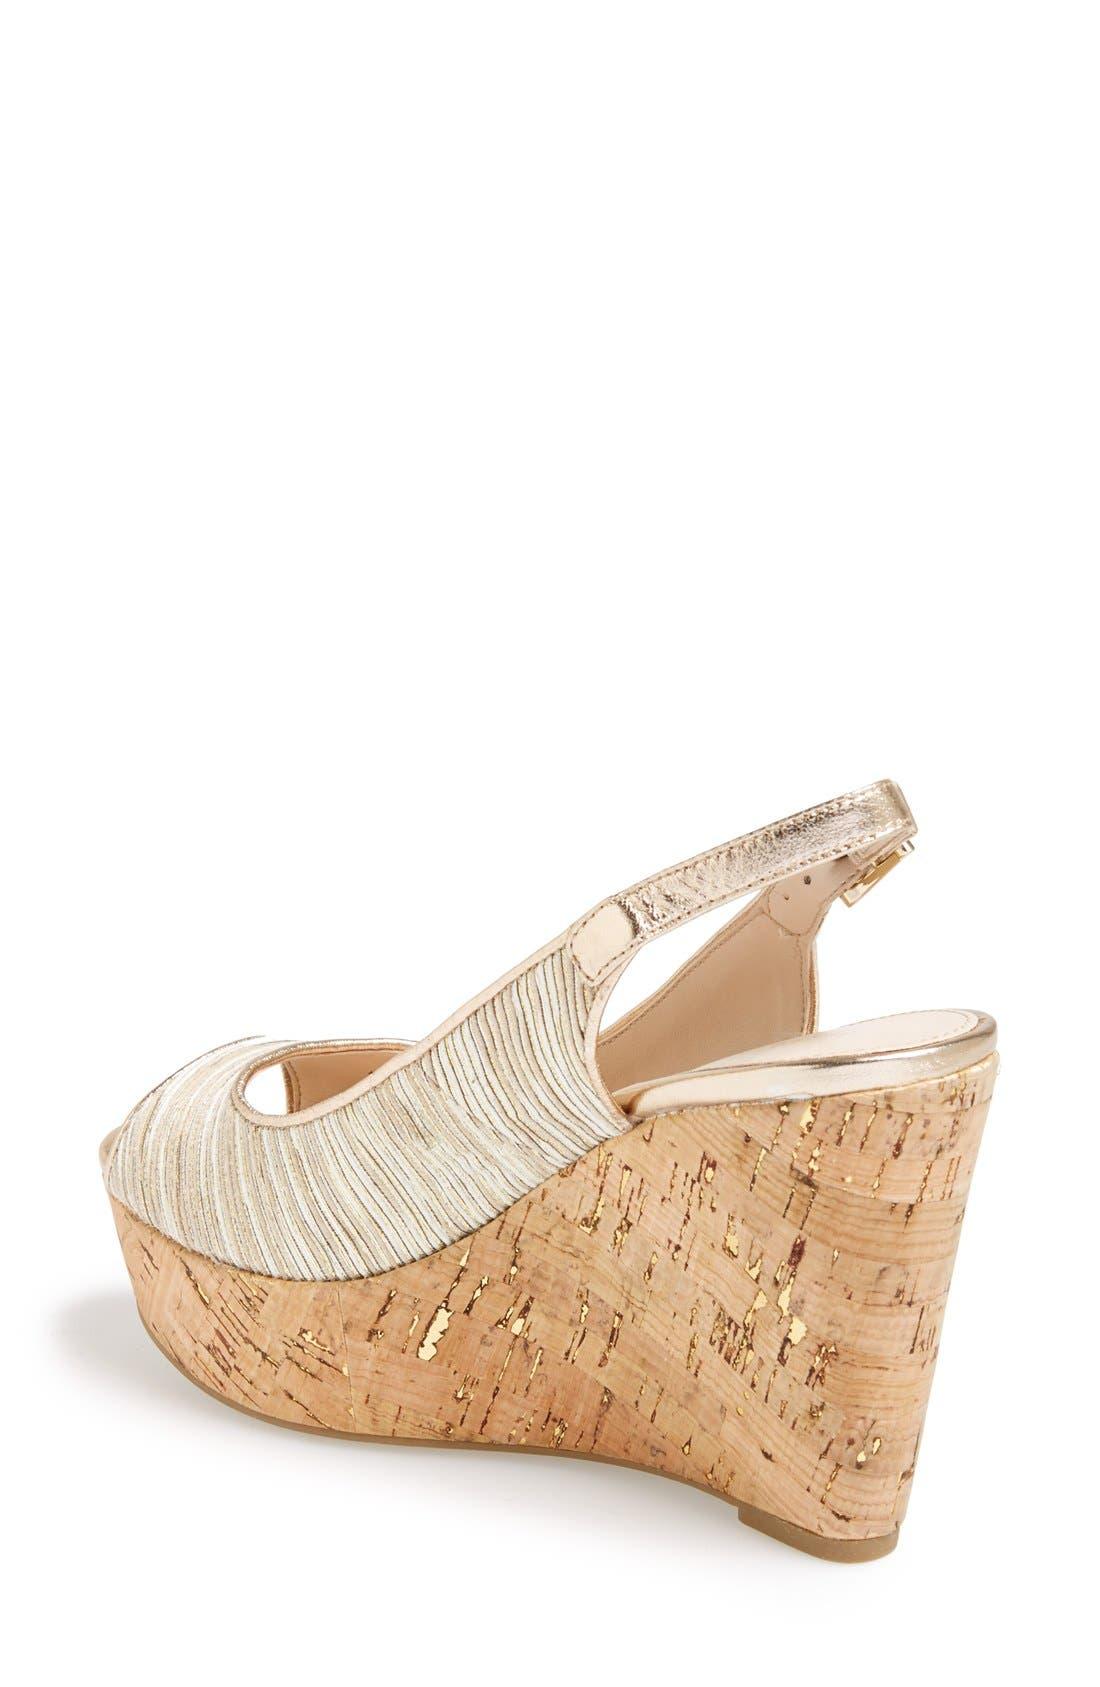 Alternate Image 2  - Pelle Moda 'Colby' Slingback Wedge Sandal (Women)